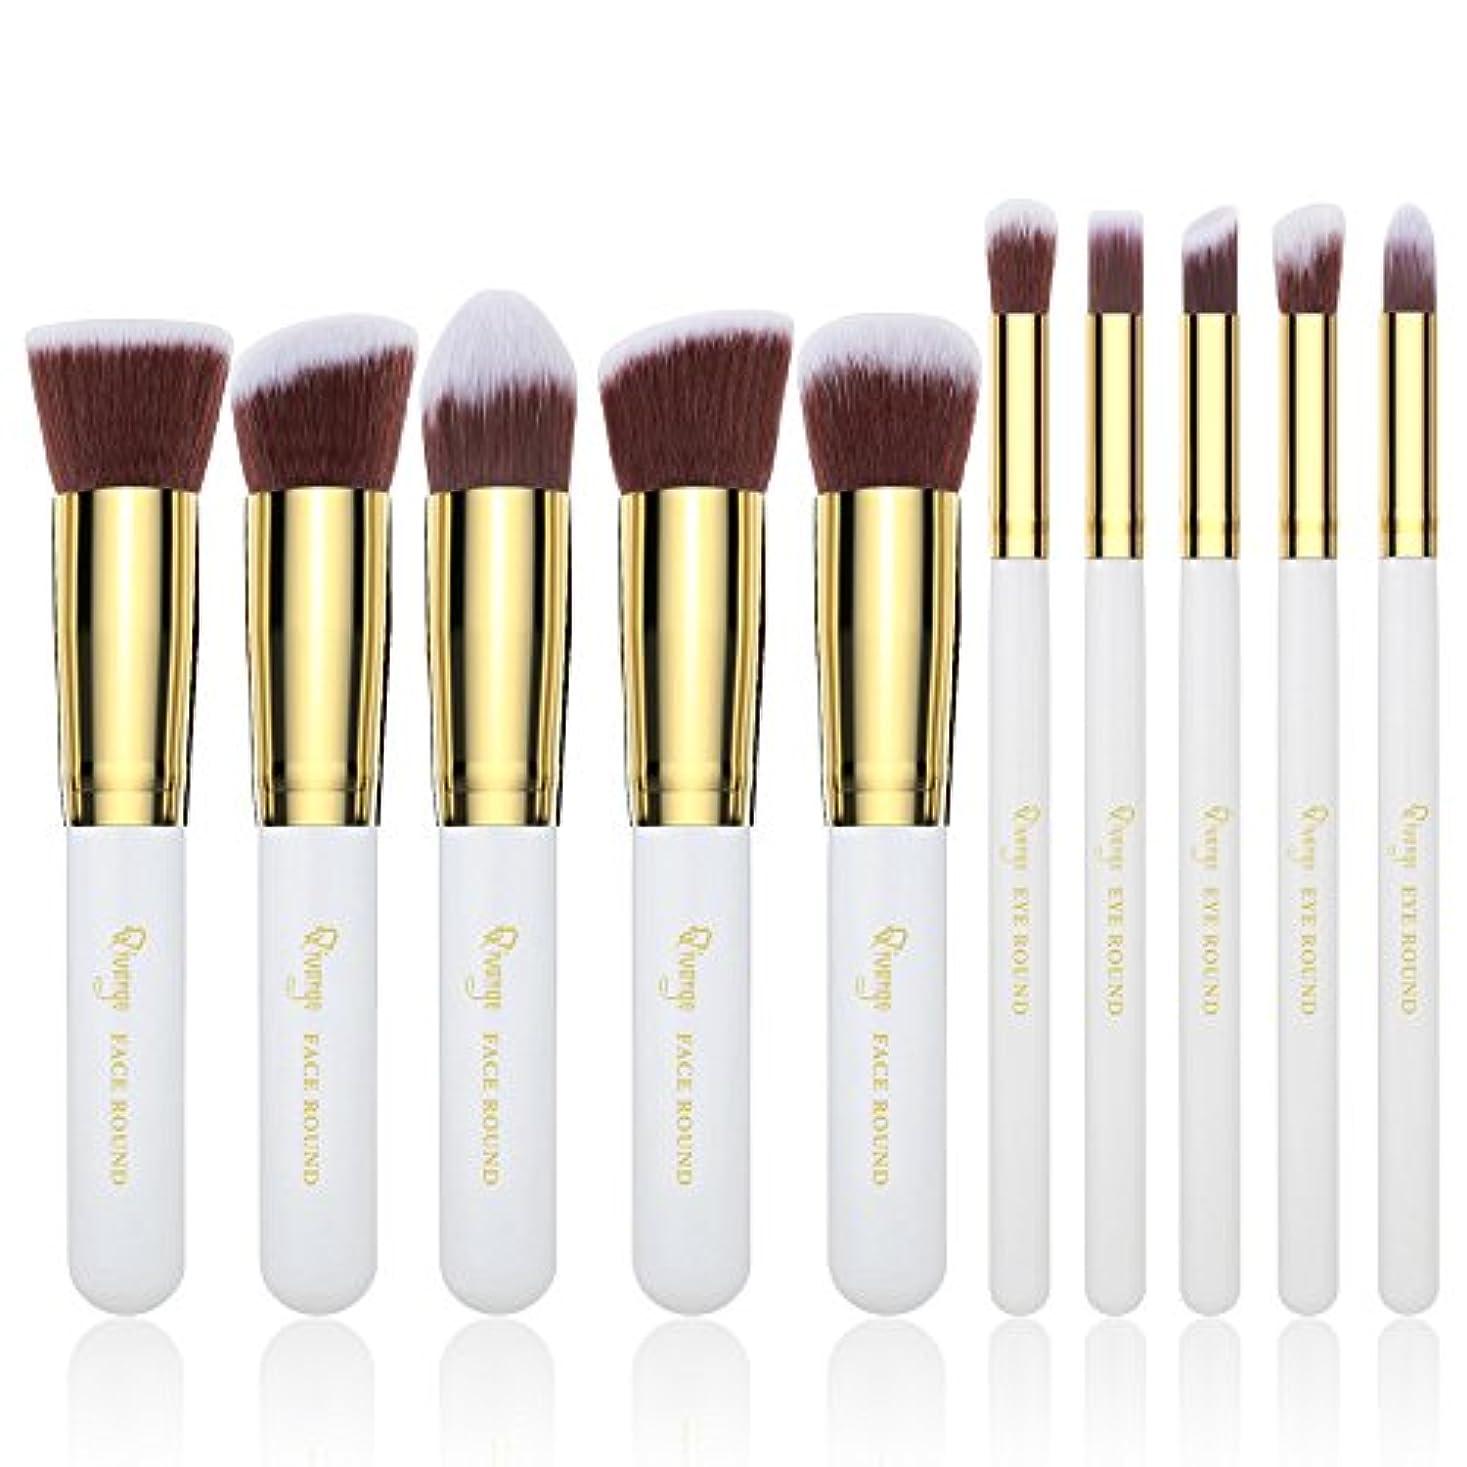 厳にぎやか石Qivange化粧筆 メイクアップブラシ 10本 高級繊維 基本的なメイクブラシセット 肌触り気持ちいい(ホワイト+ゴールド) …